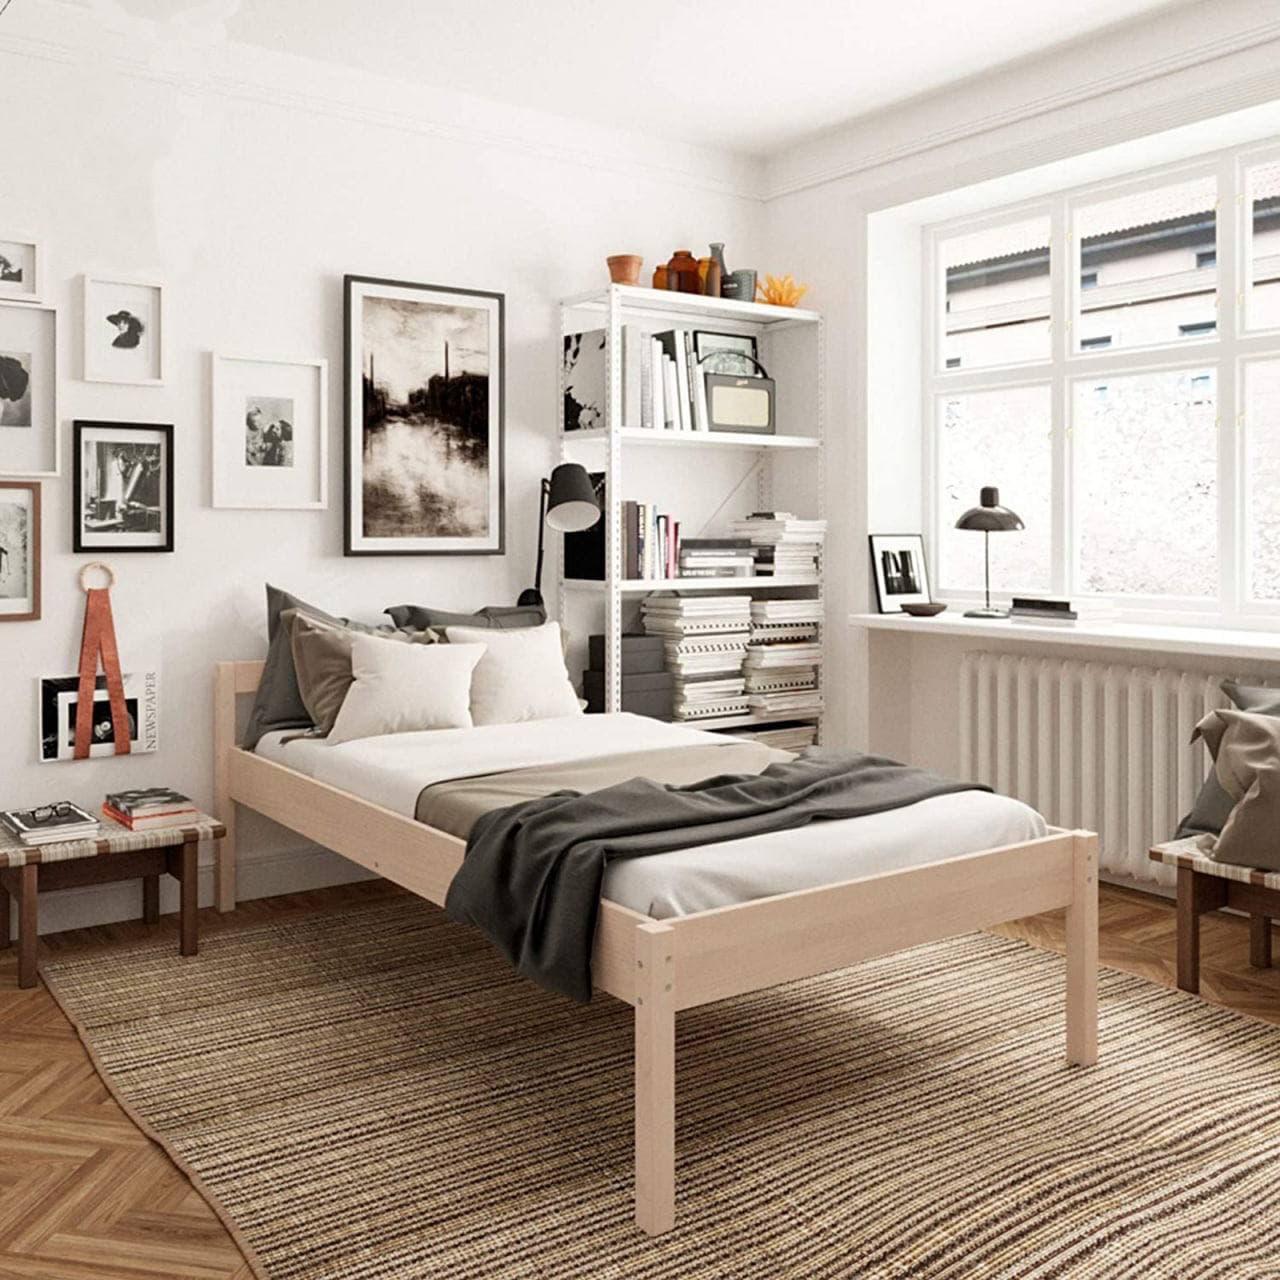 Высокая односпальная деревянная кровать Hansales 90x200 см для здорового и крепкого сна